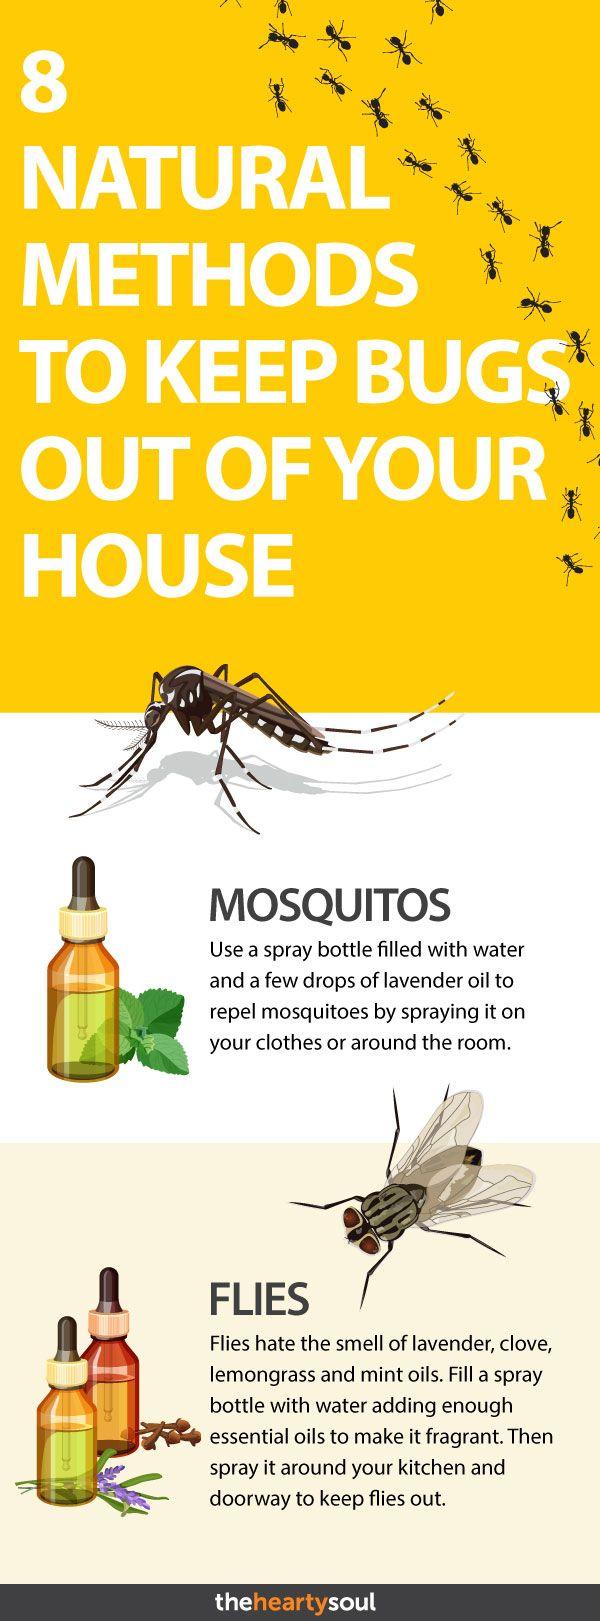 d748ba41127bb02cc6f04a8195346ae0 - How To Get Bugs Out Of Your Room At Night